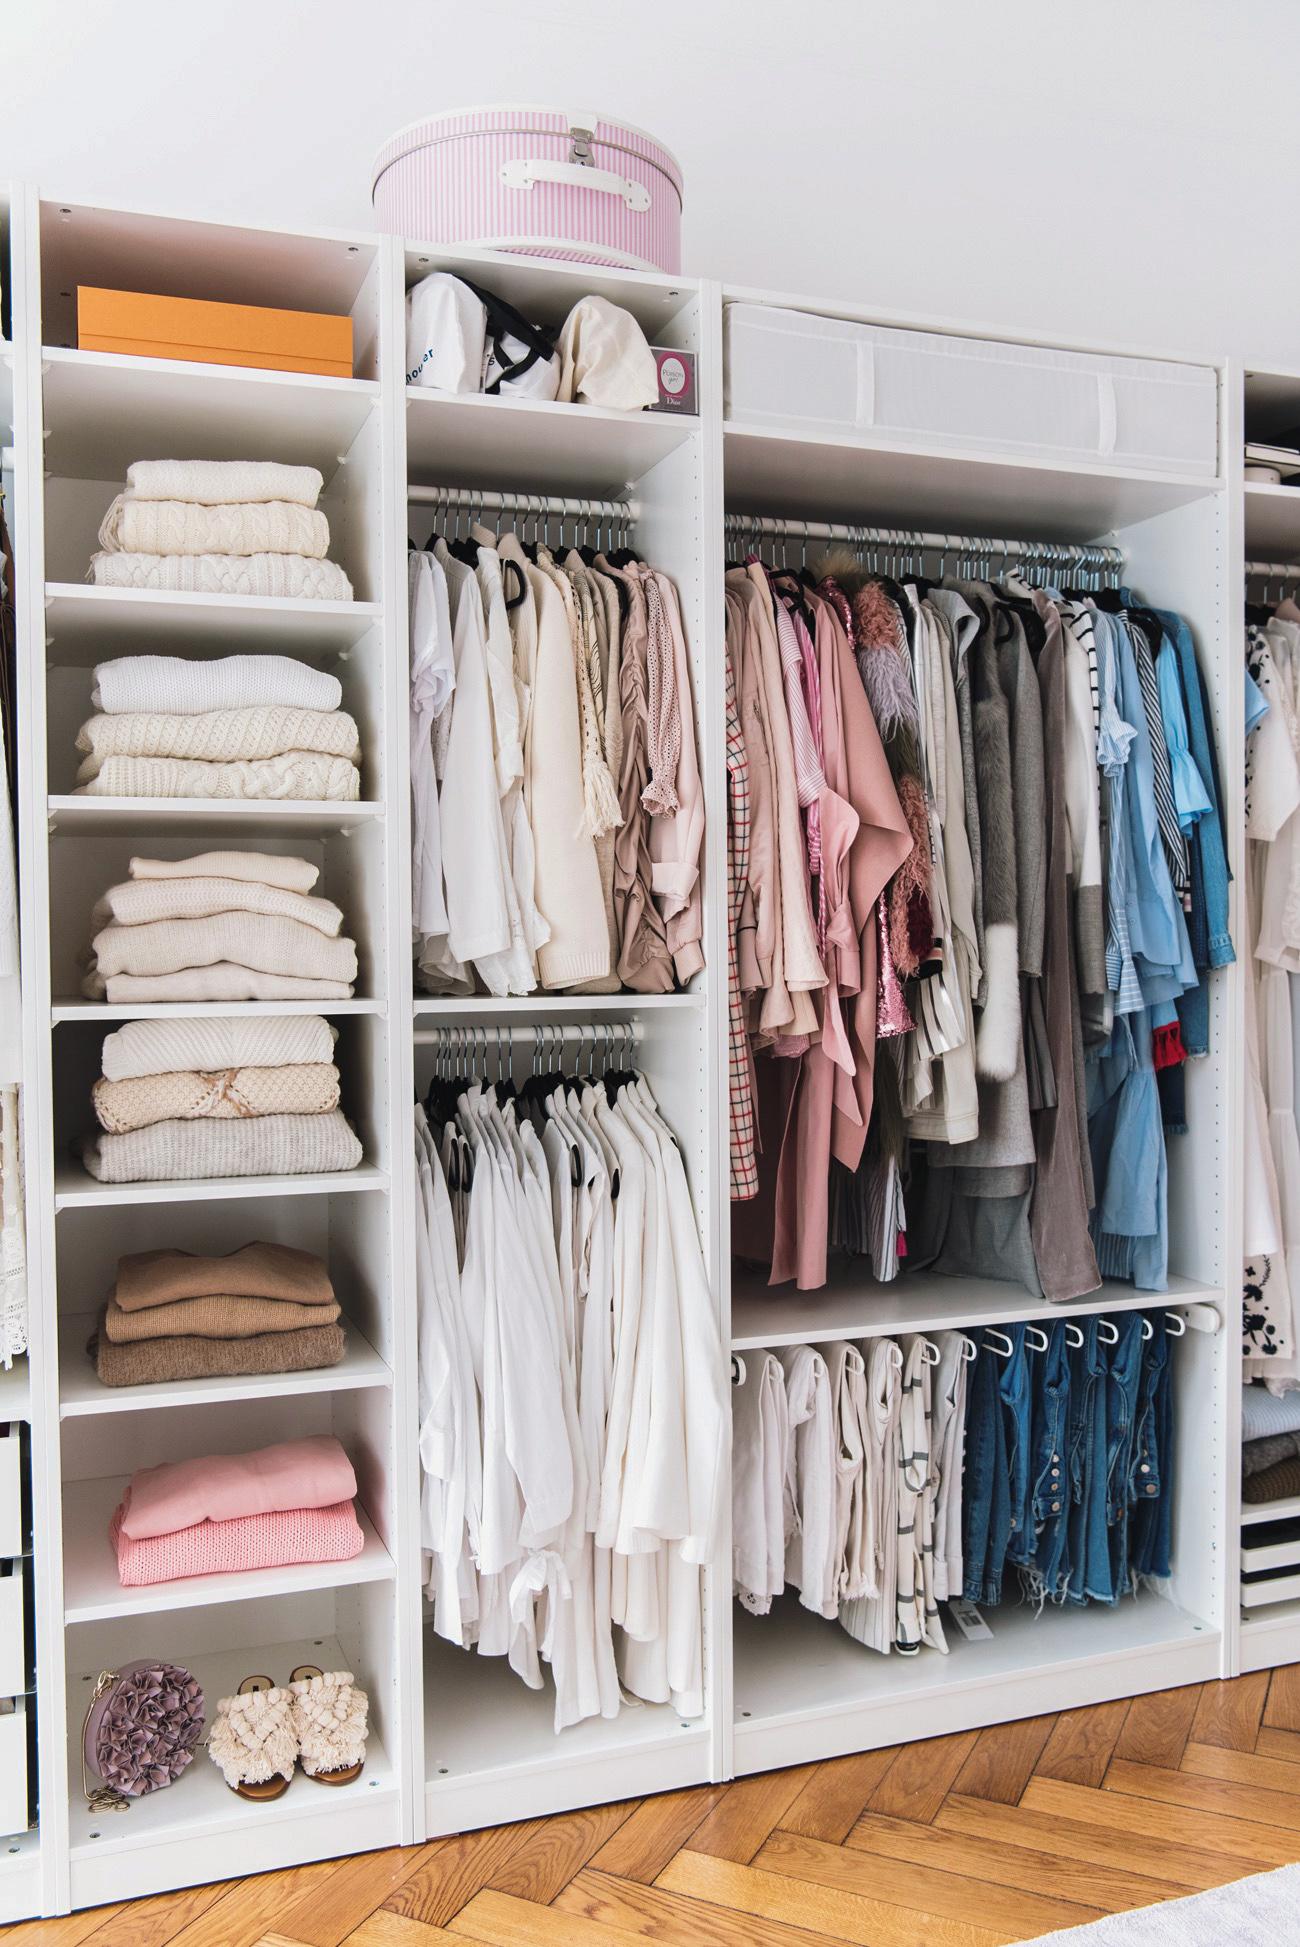 kleiderschrank-organisieren-tipps